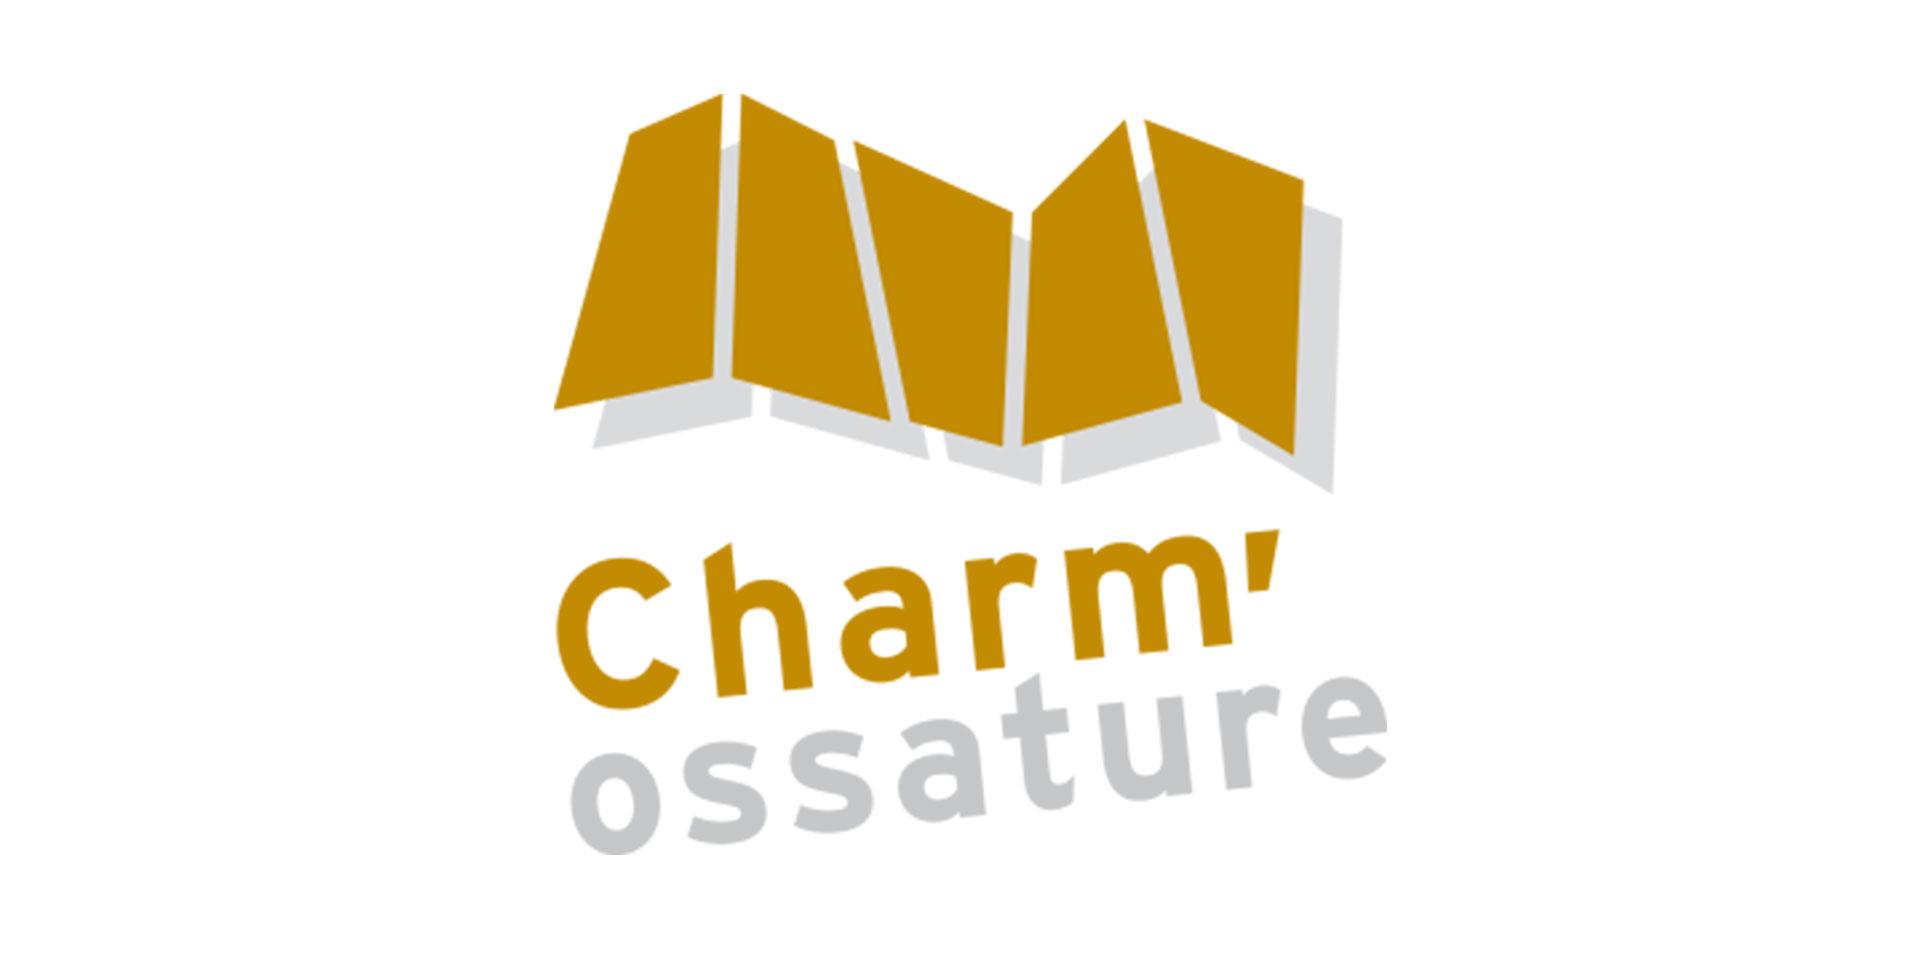 Charm'ossature, partenaire privilégié de SKALA Design